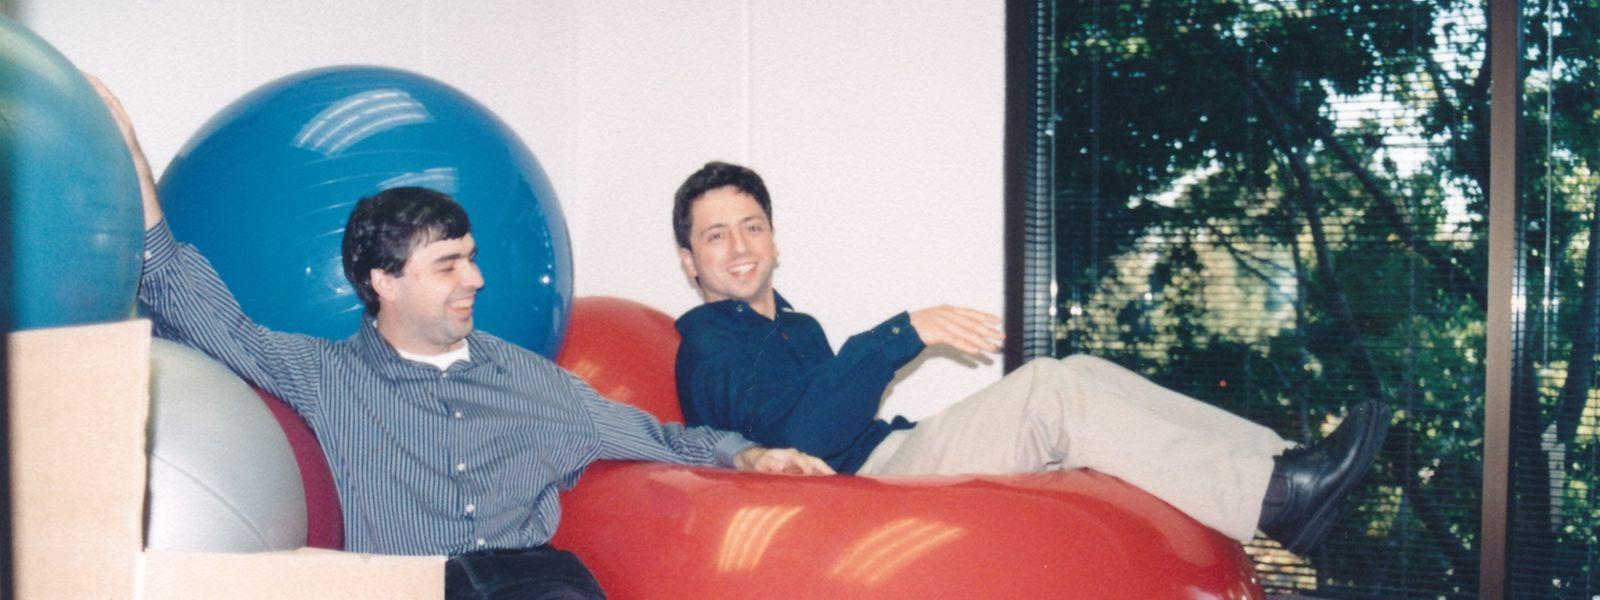 Die Google-Gründer Sergey Brin (r) und Larry Page nach einer Party in der Anfangszeit von Google.